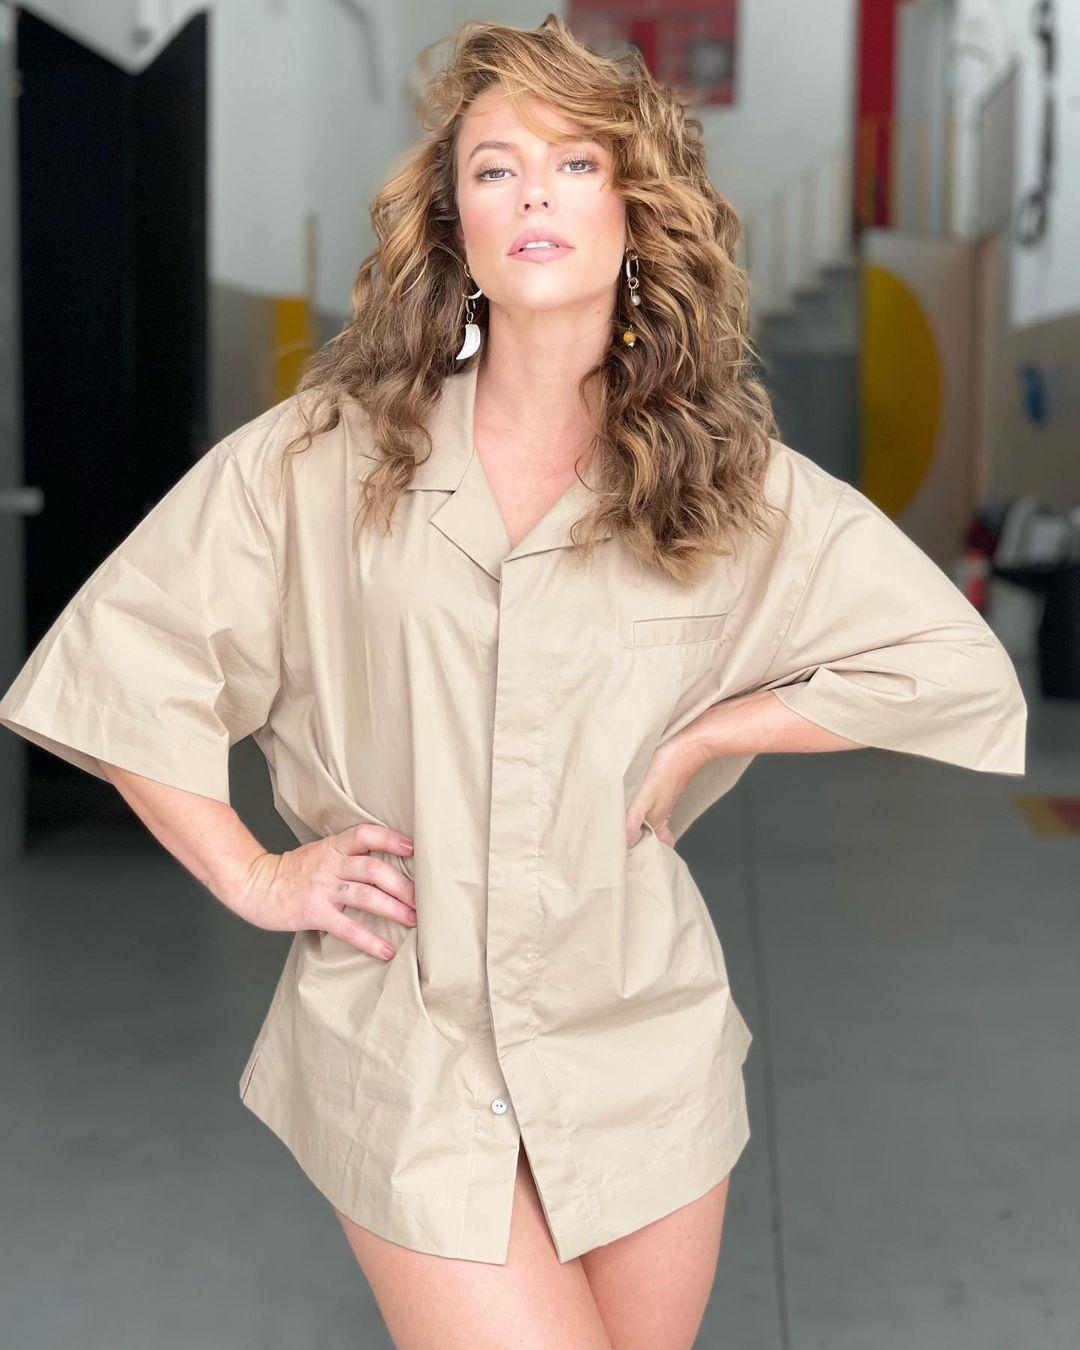 Nudes dos famosos - Paolla Oliveira.